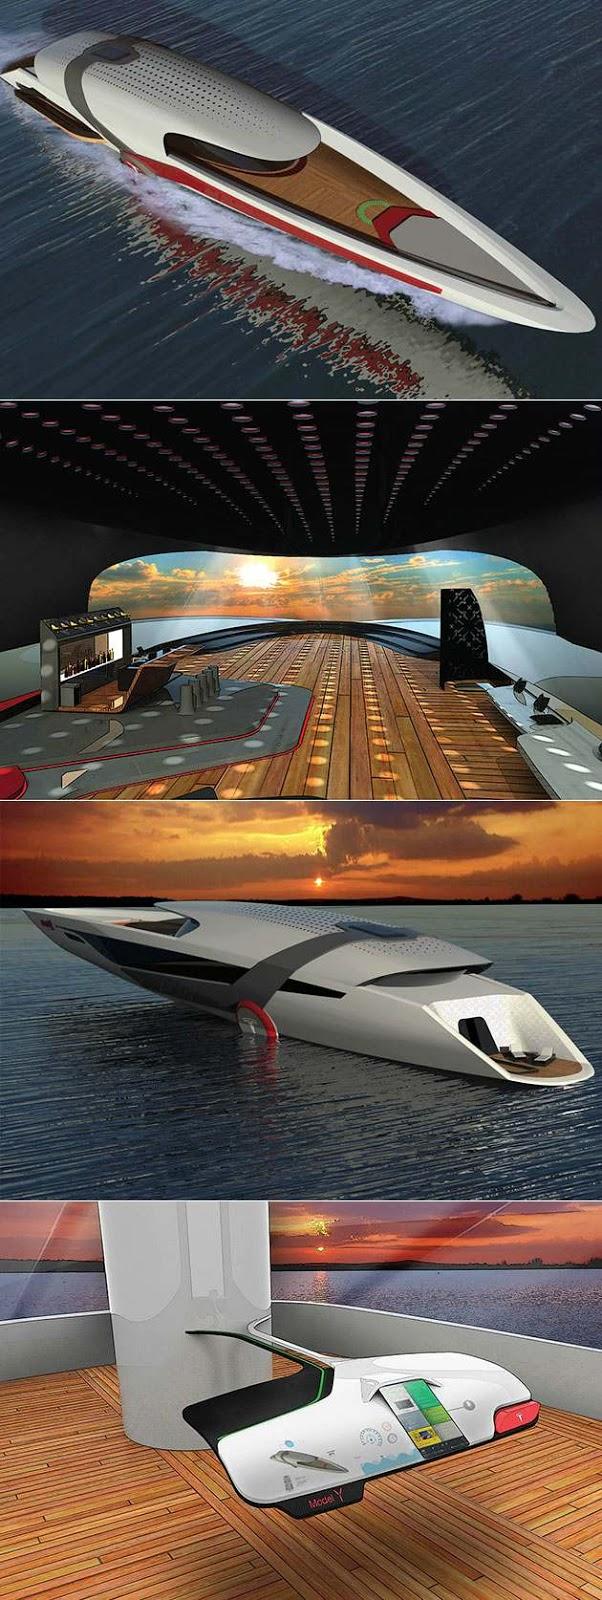 tesla-yacht-vertical